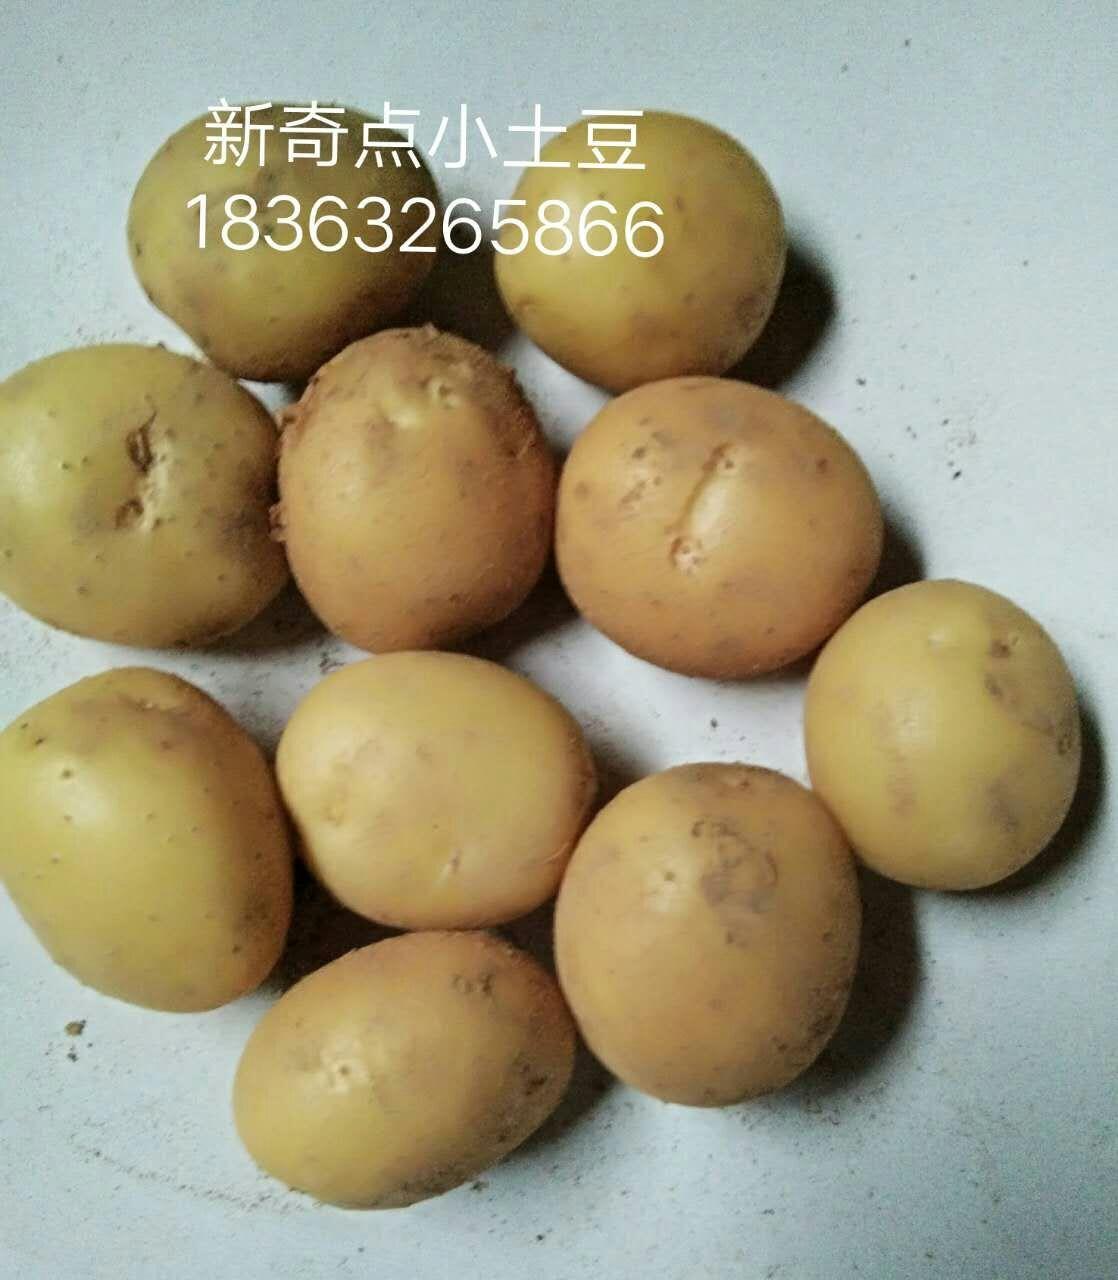 优良迷你小土豆供应商推荐,西宁油炸小土豆